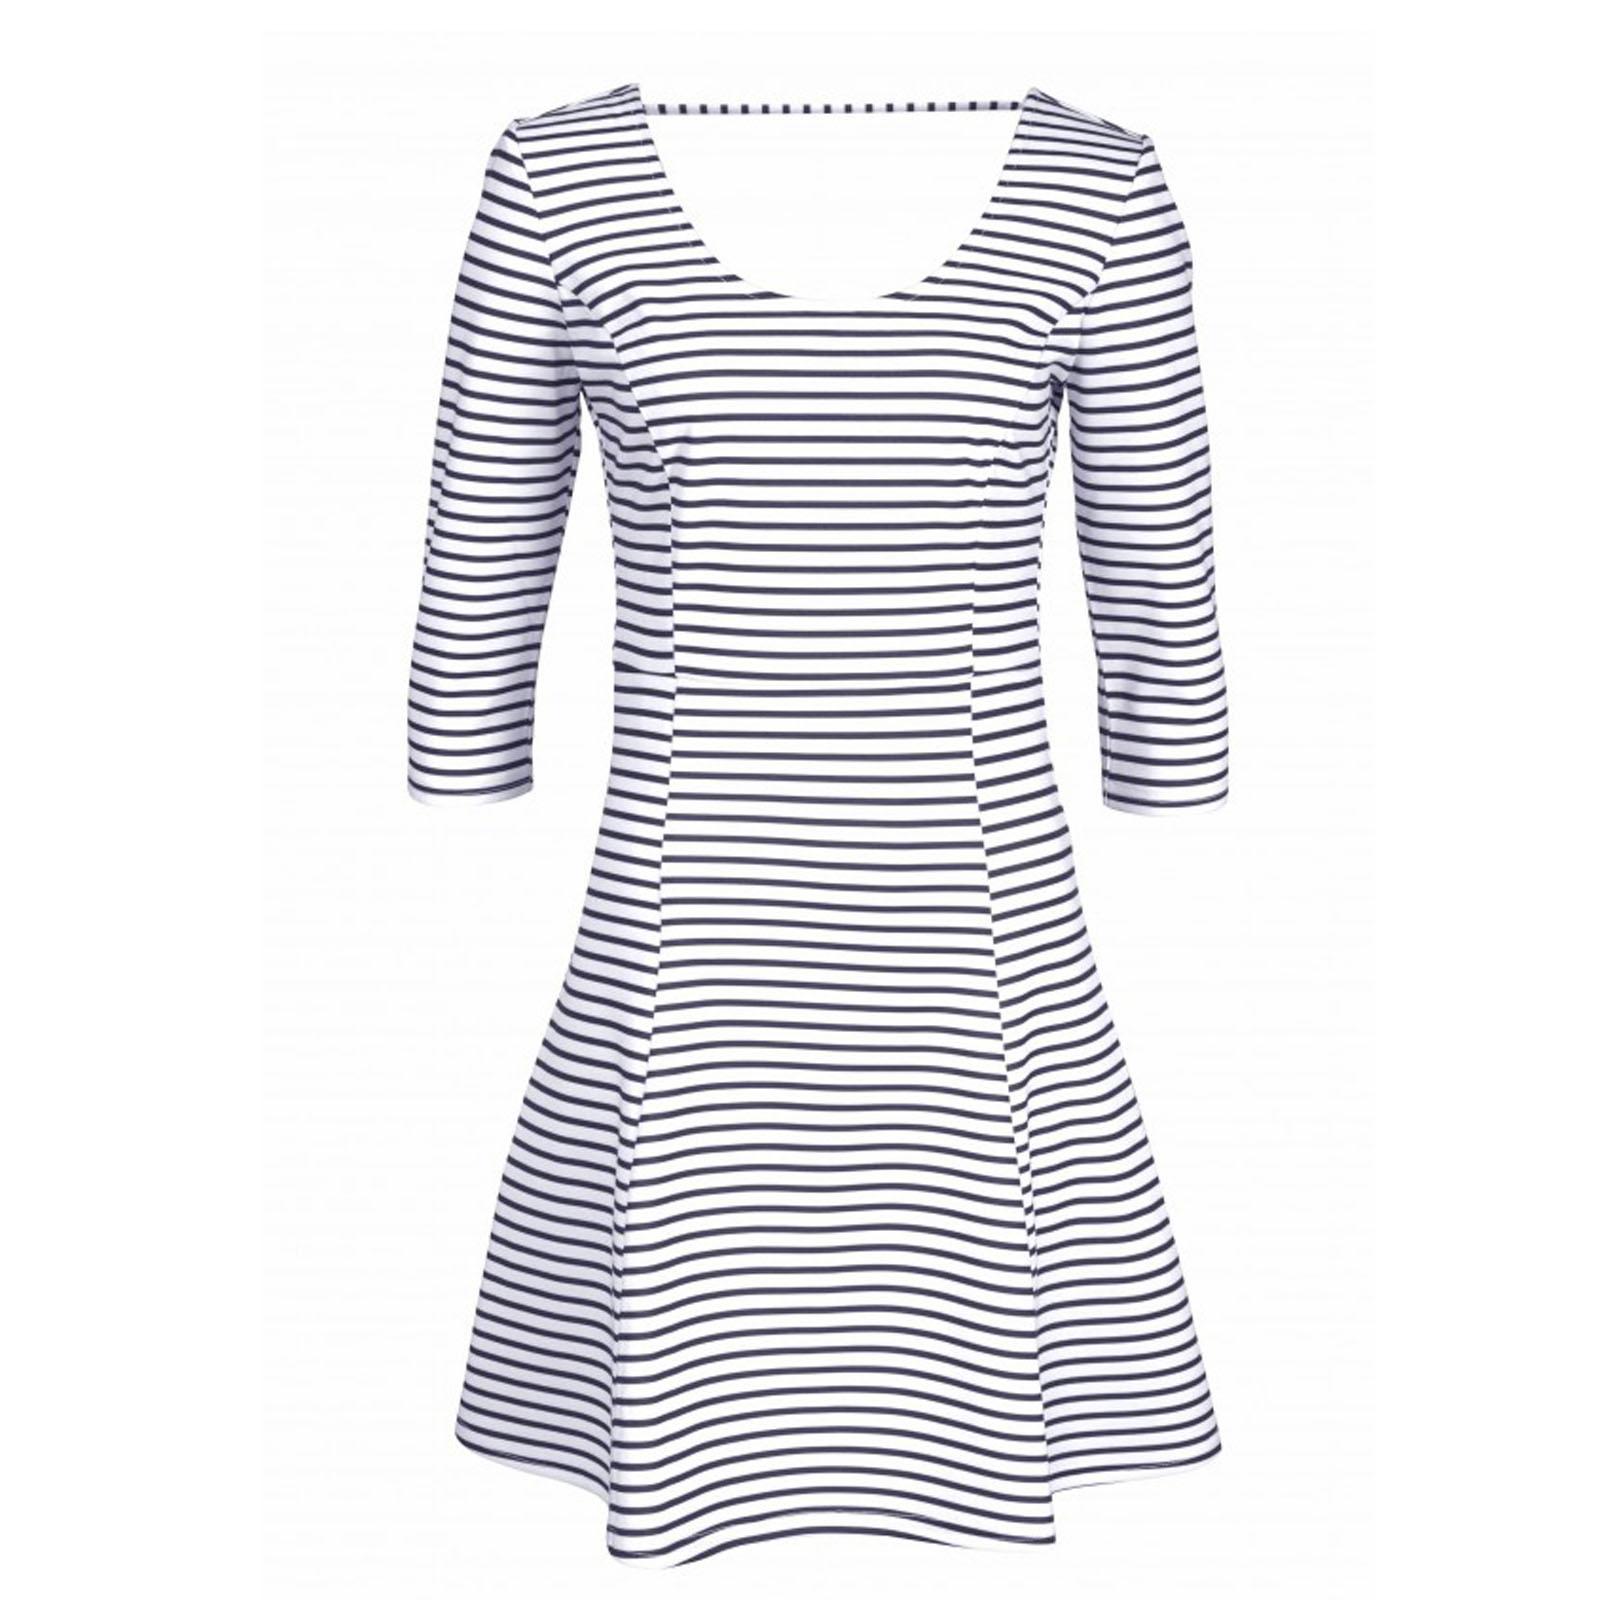 details zu marken kleid gr.34/36 kofferkleid jerseykleid griffig schwarz  weiß gestreift